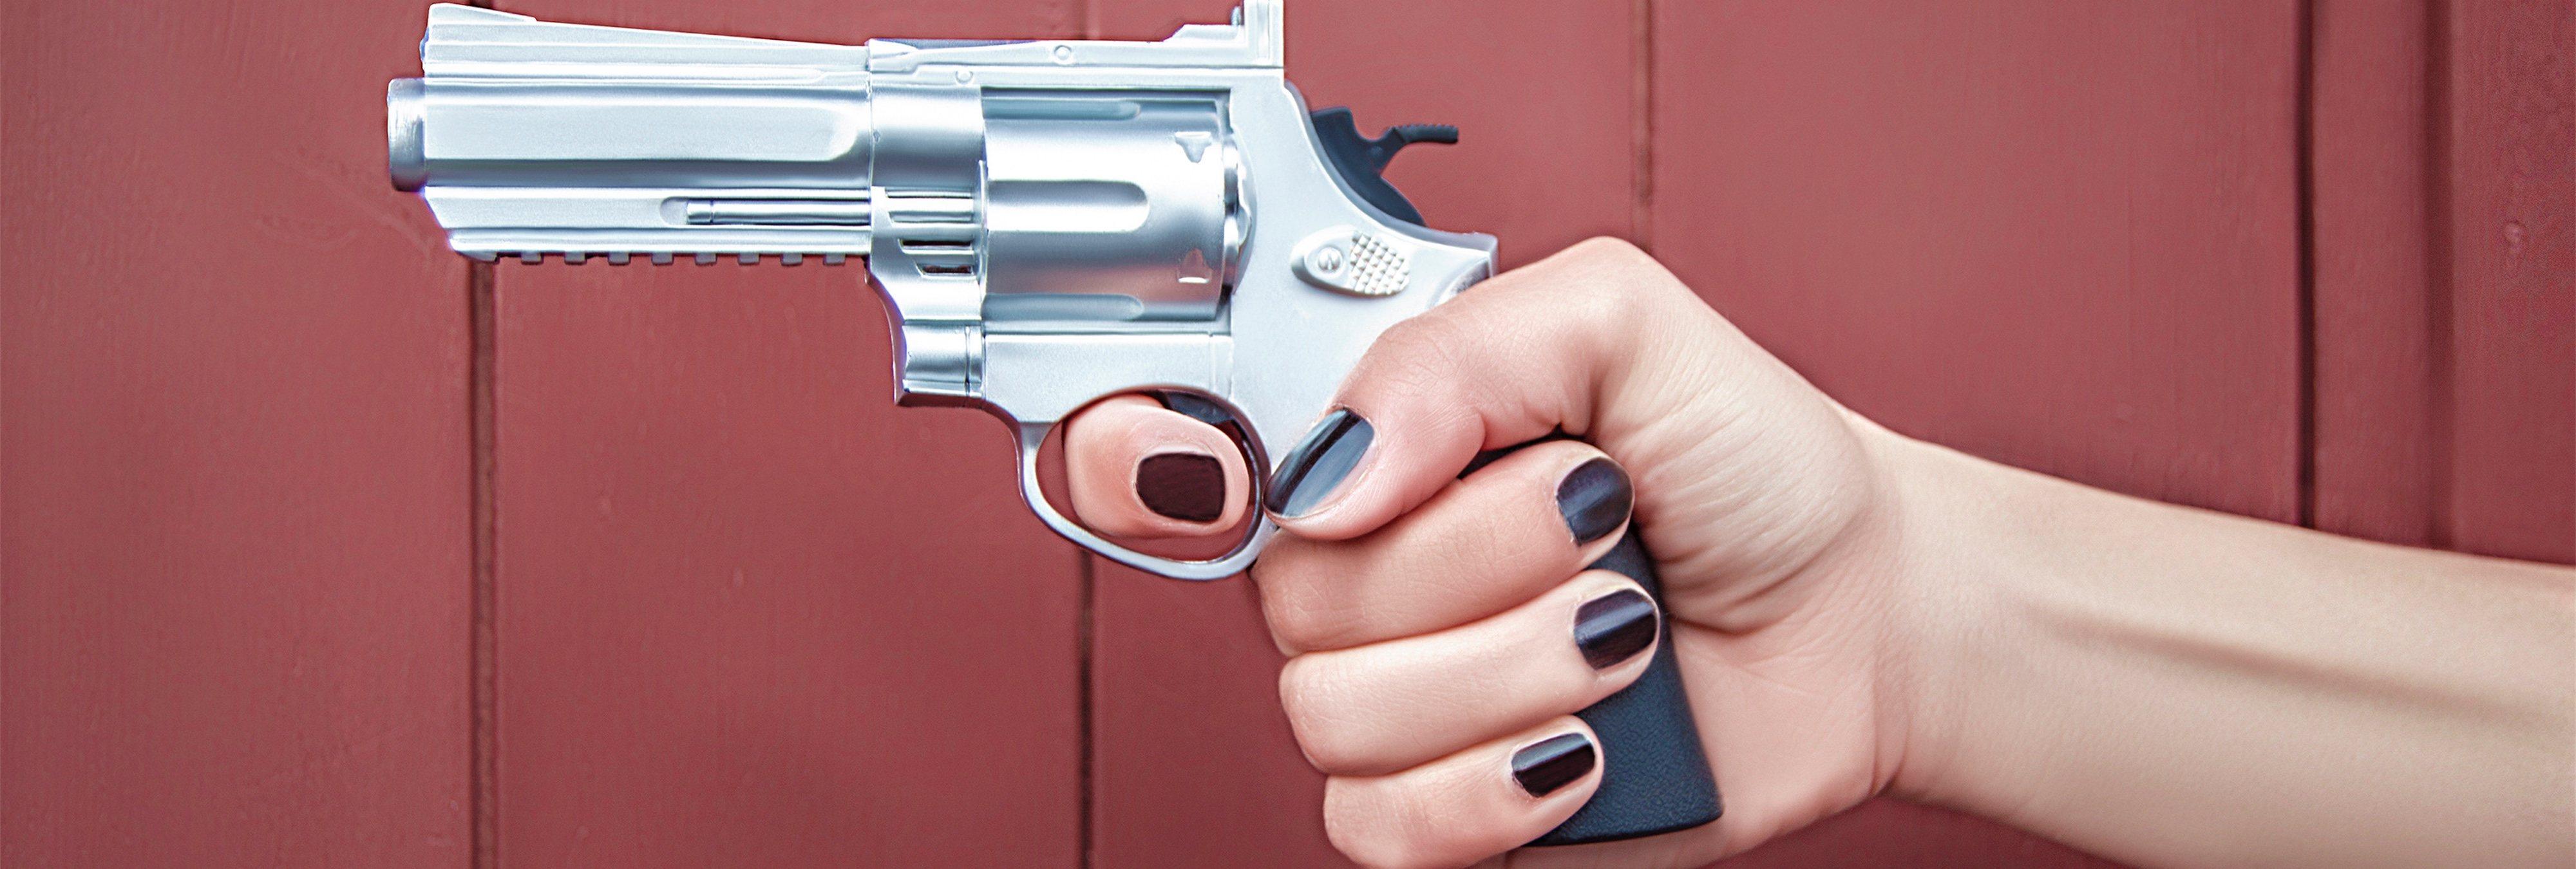 La autora de 'Cómo matar a tu marido', detenida por matar al suyo